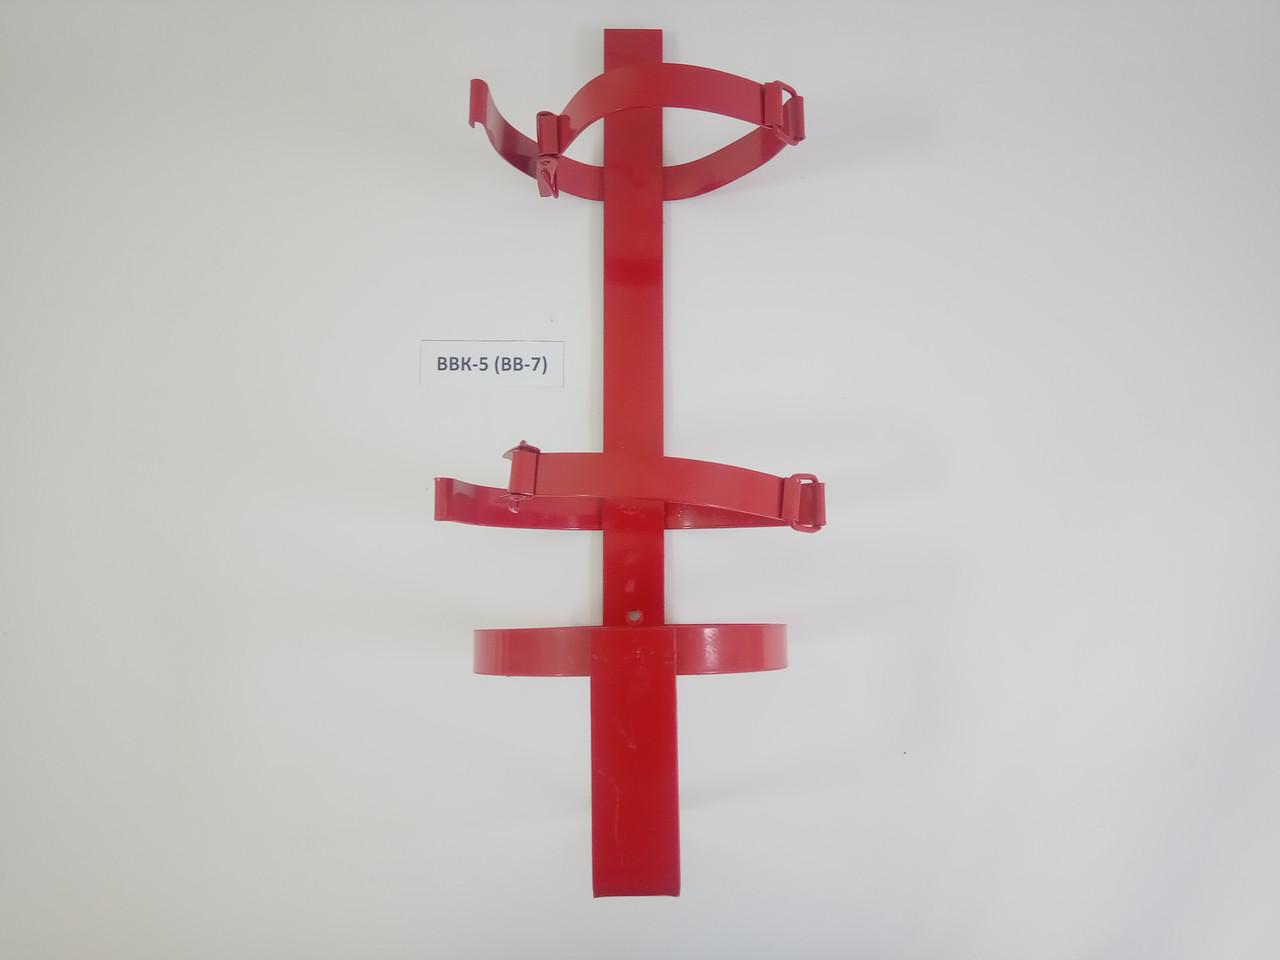 Кронштейн транспортный для огнетушителя ВВК-5 (ОУ-7)